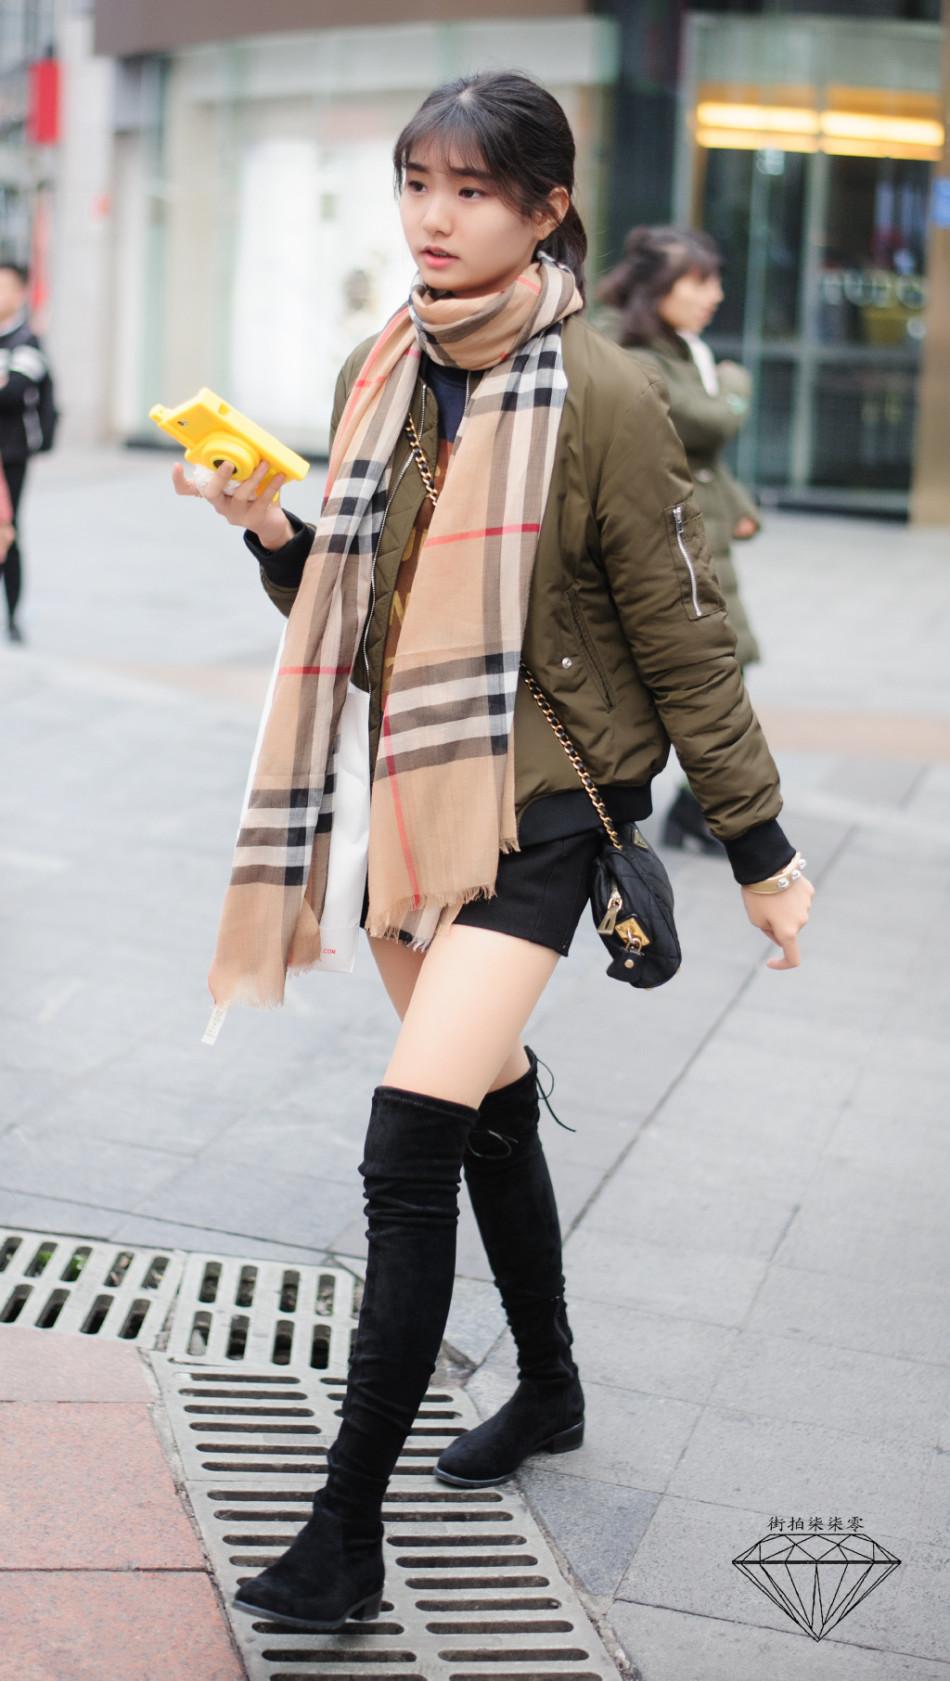 没有冬天 美女街拍露大腿图片